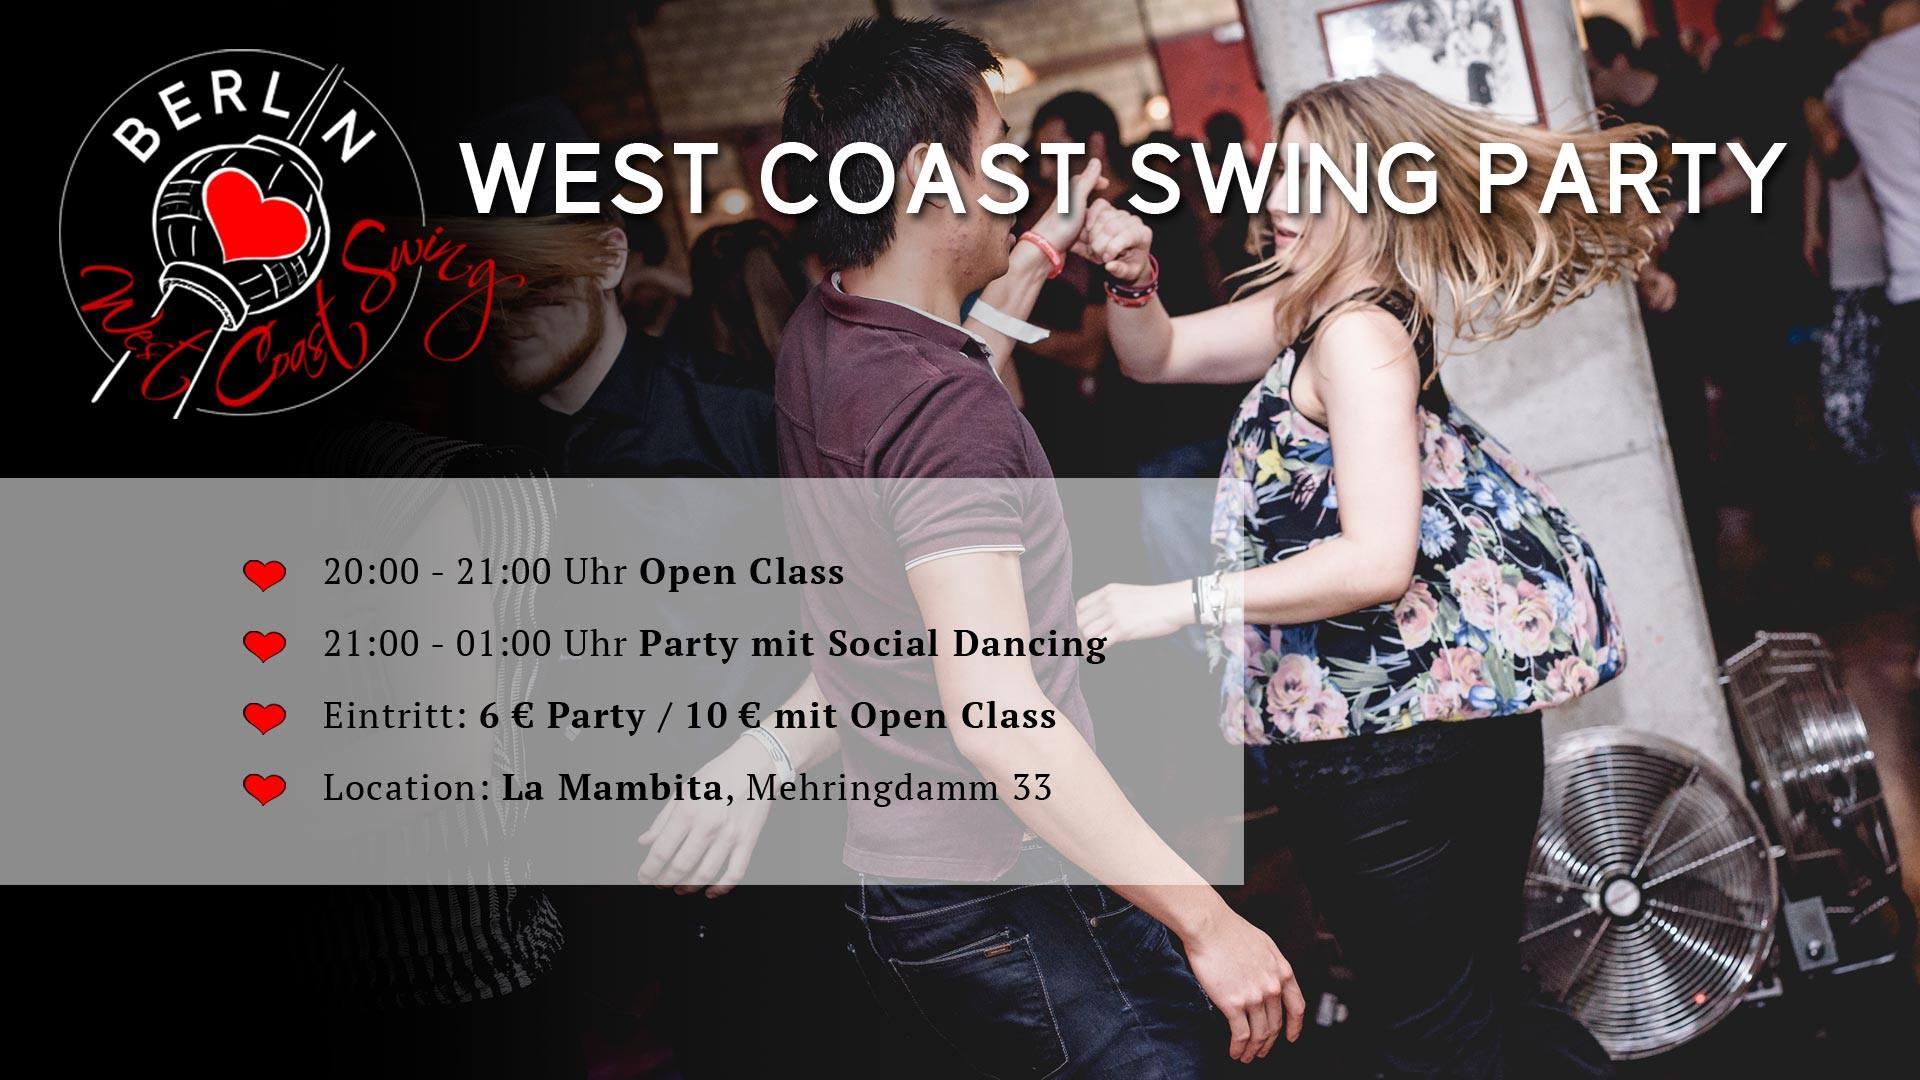 West Coast Swing Party Berlin Juli 2019